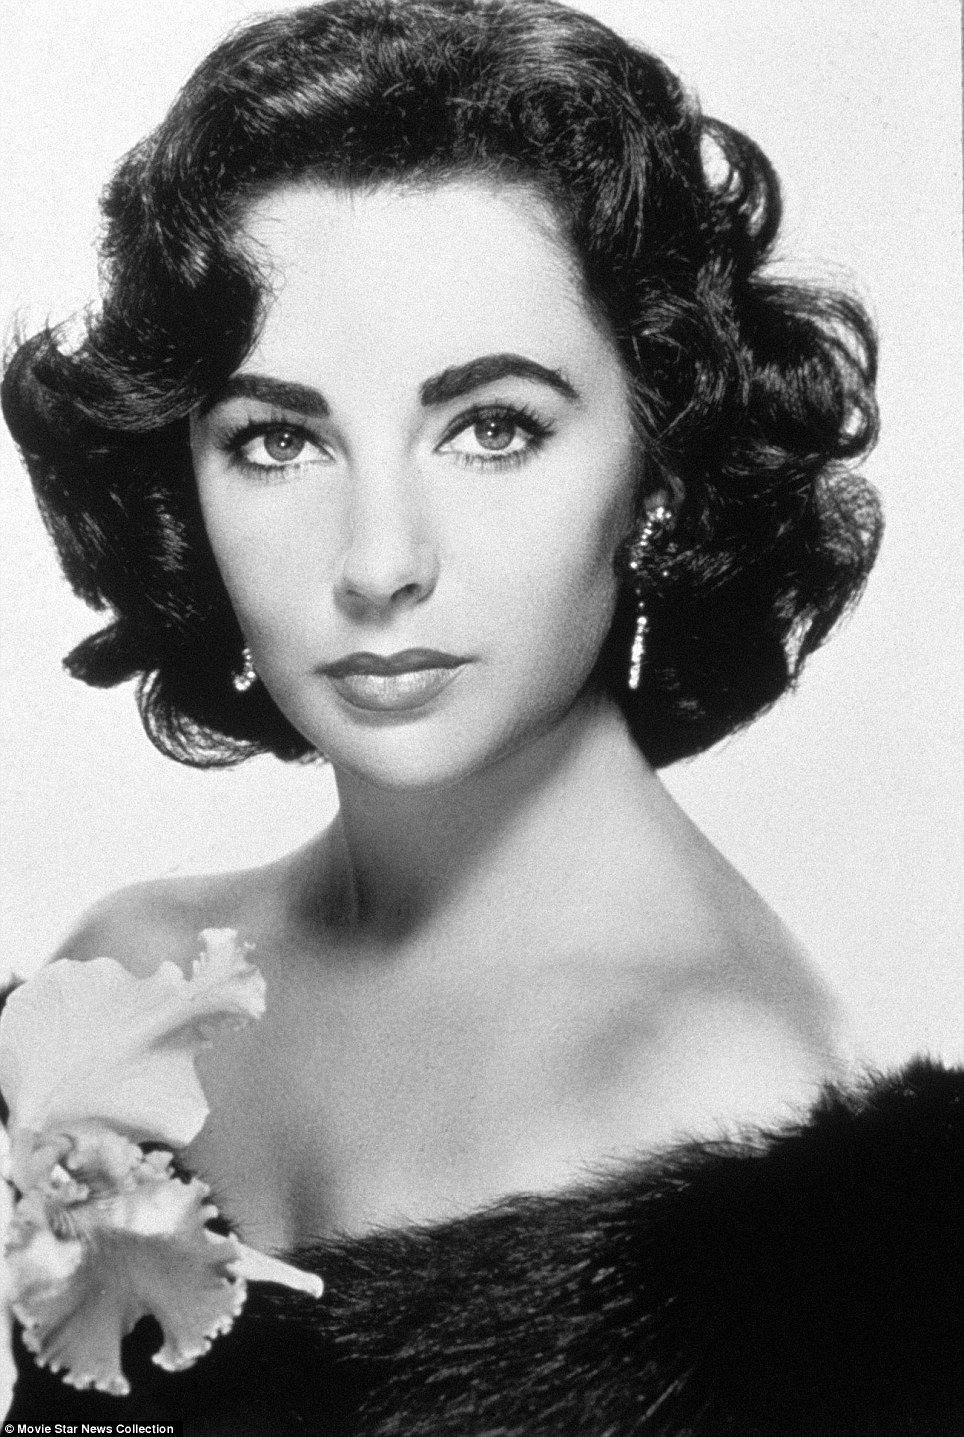 5f2a9850068b3 Marilyn Monroe, Elizabeth Taylor and Judy Garland captured in ...